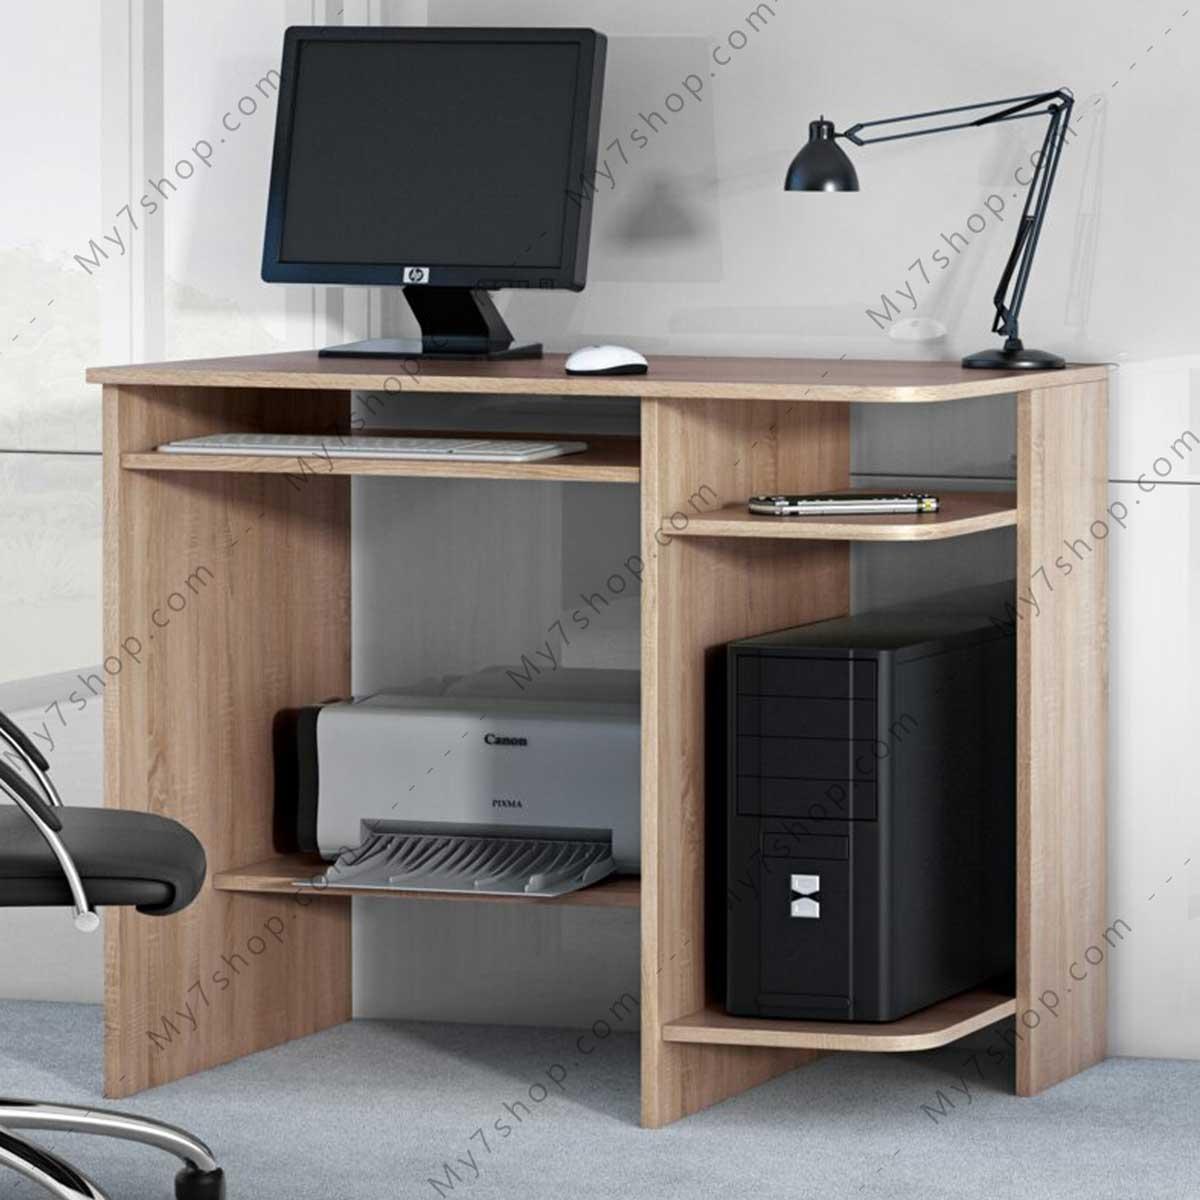 میز کامپیوتر 7532